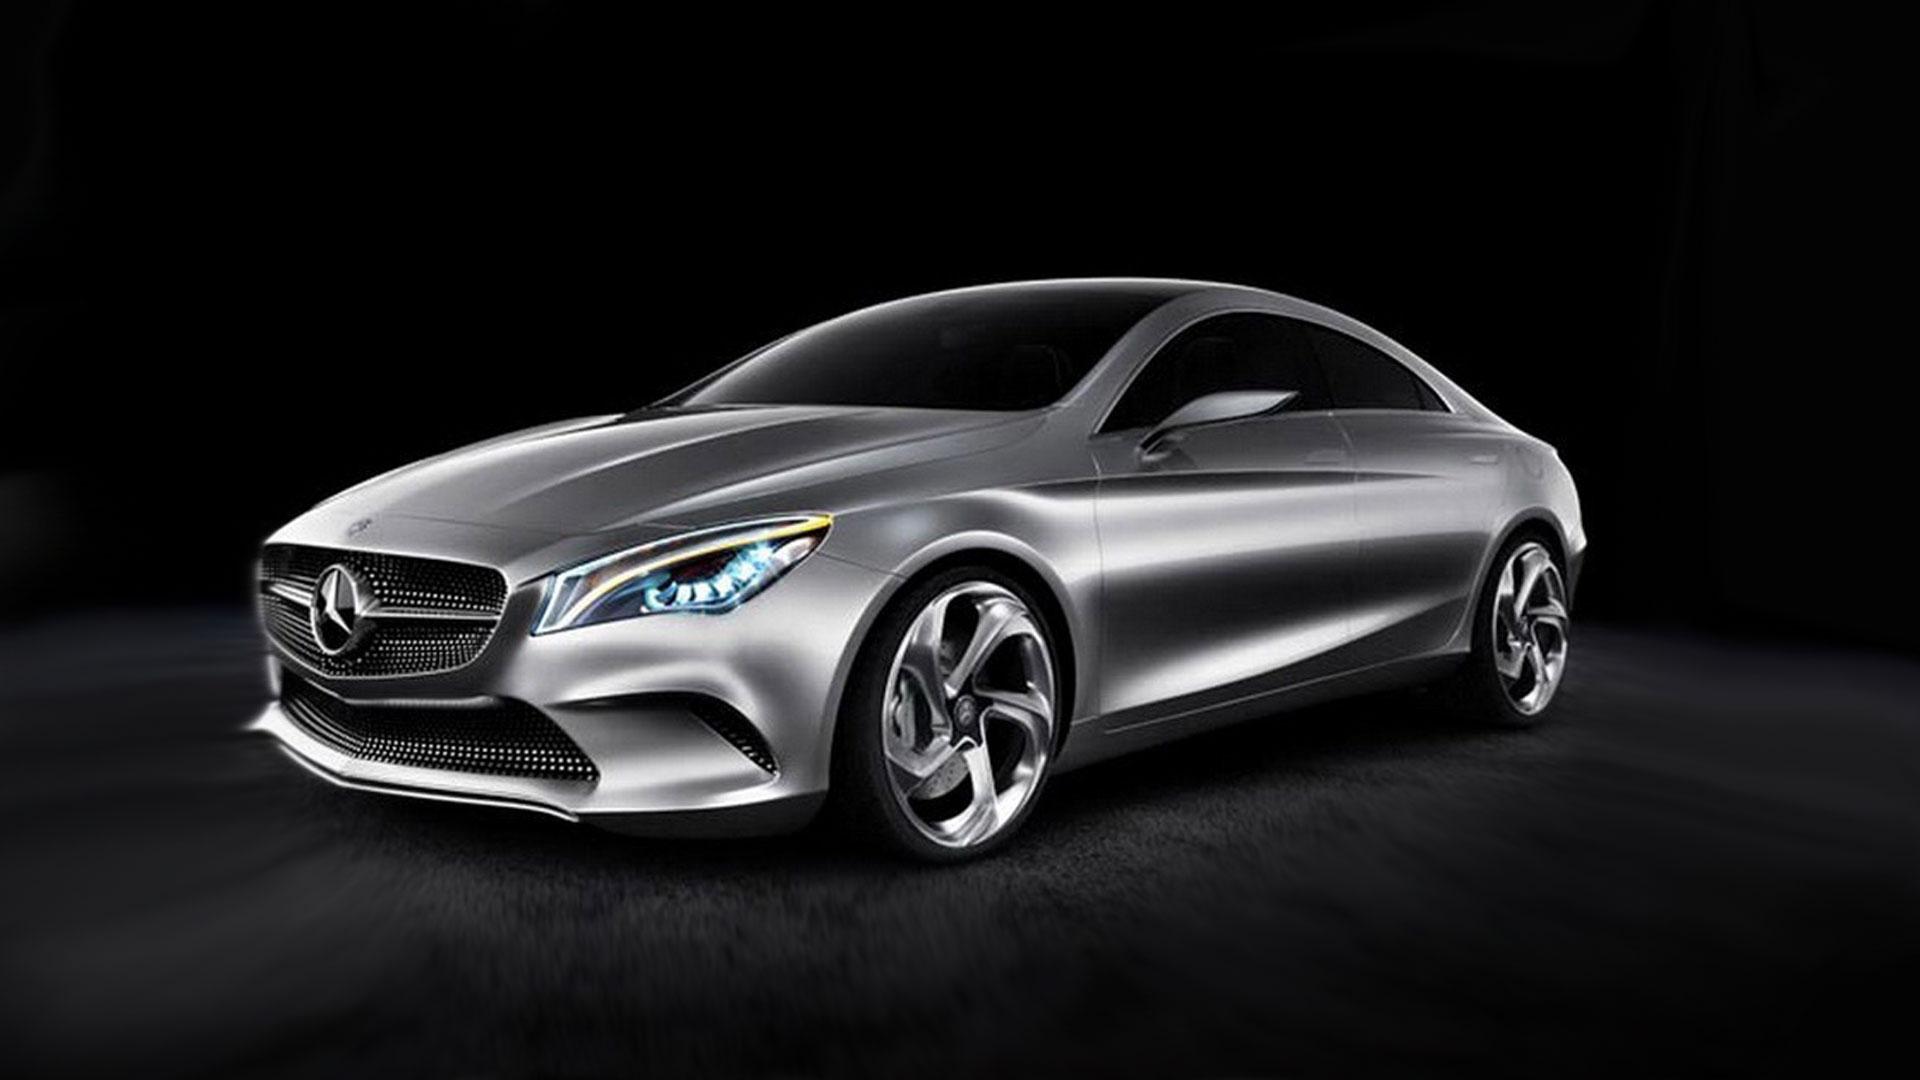 2013 Mercedes Benz Csc Wallpaper 1080p My Site